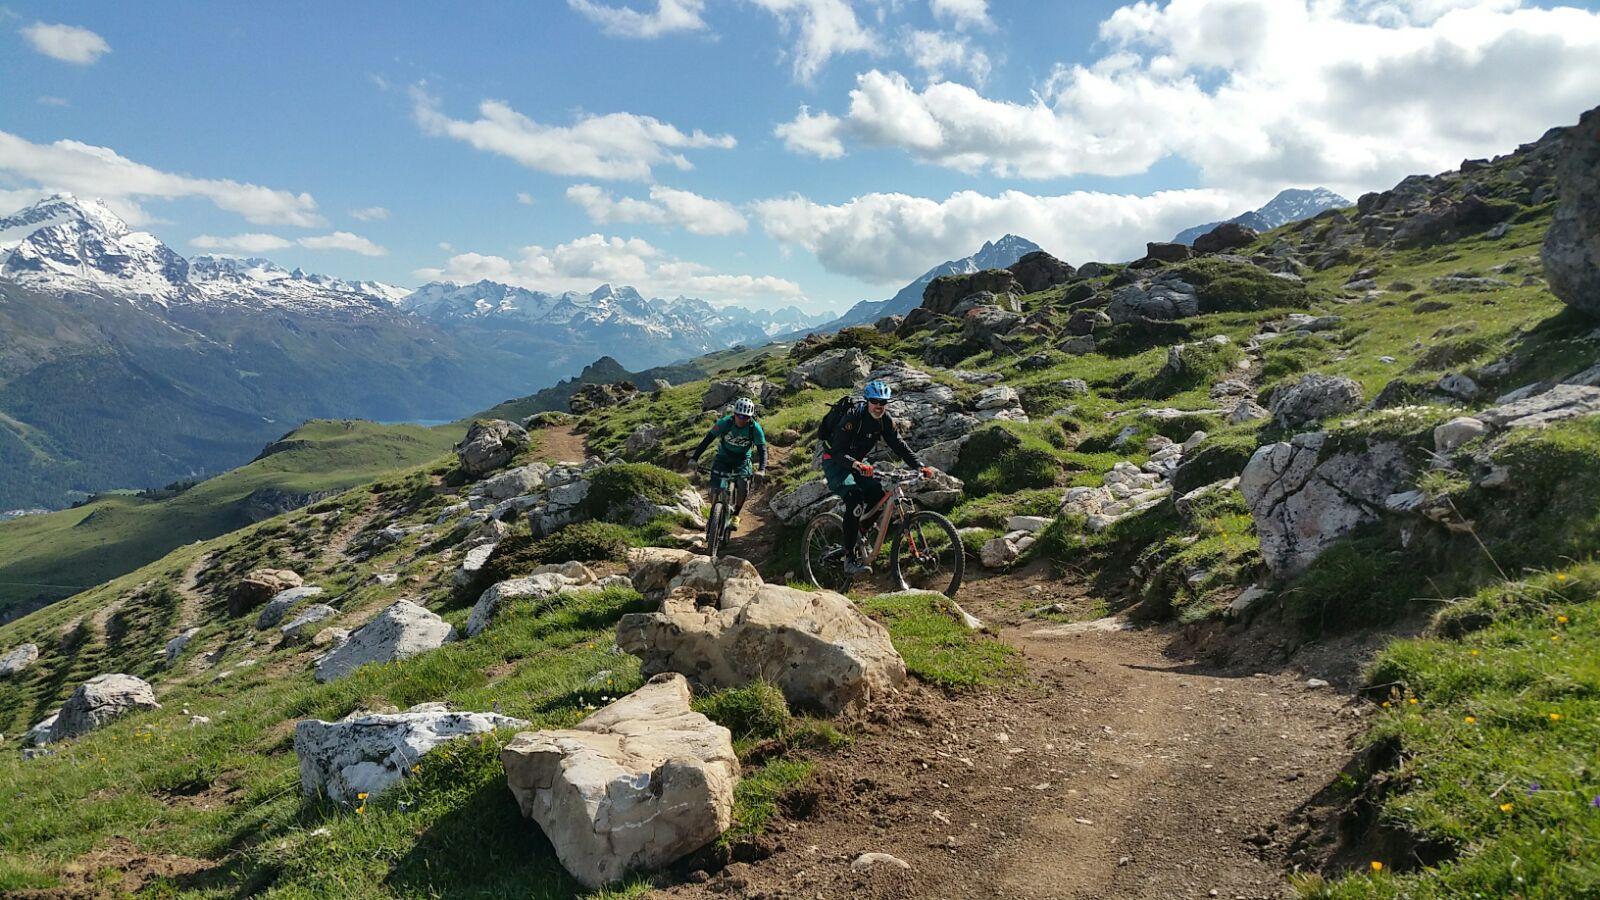 Das Scouting der Trails auf Corviglia macht Lust auf mehr!